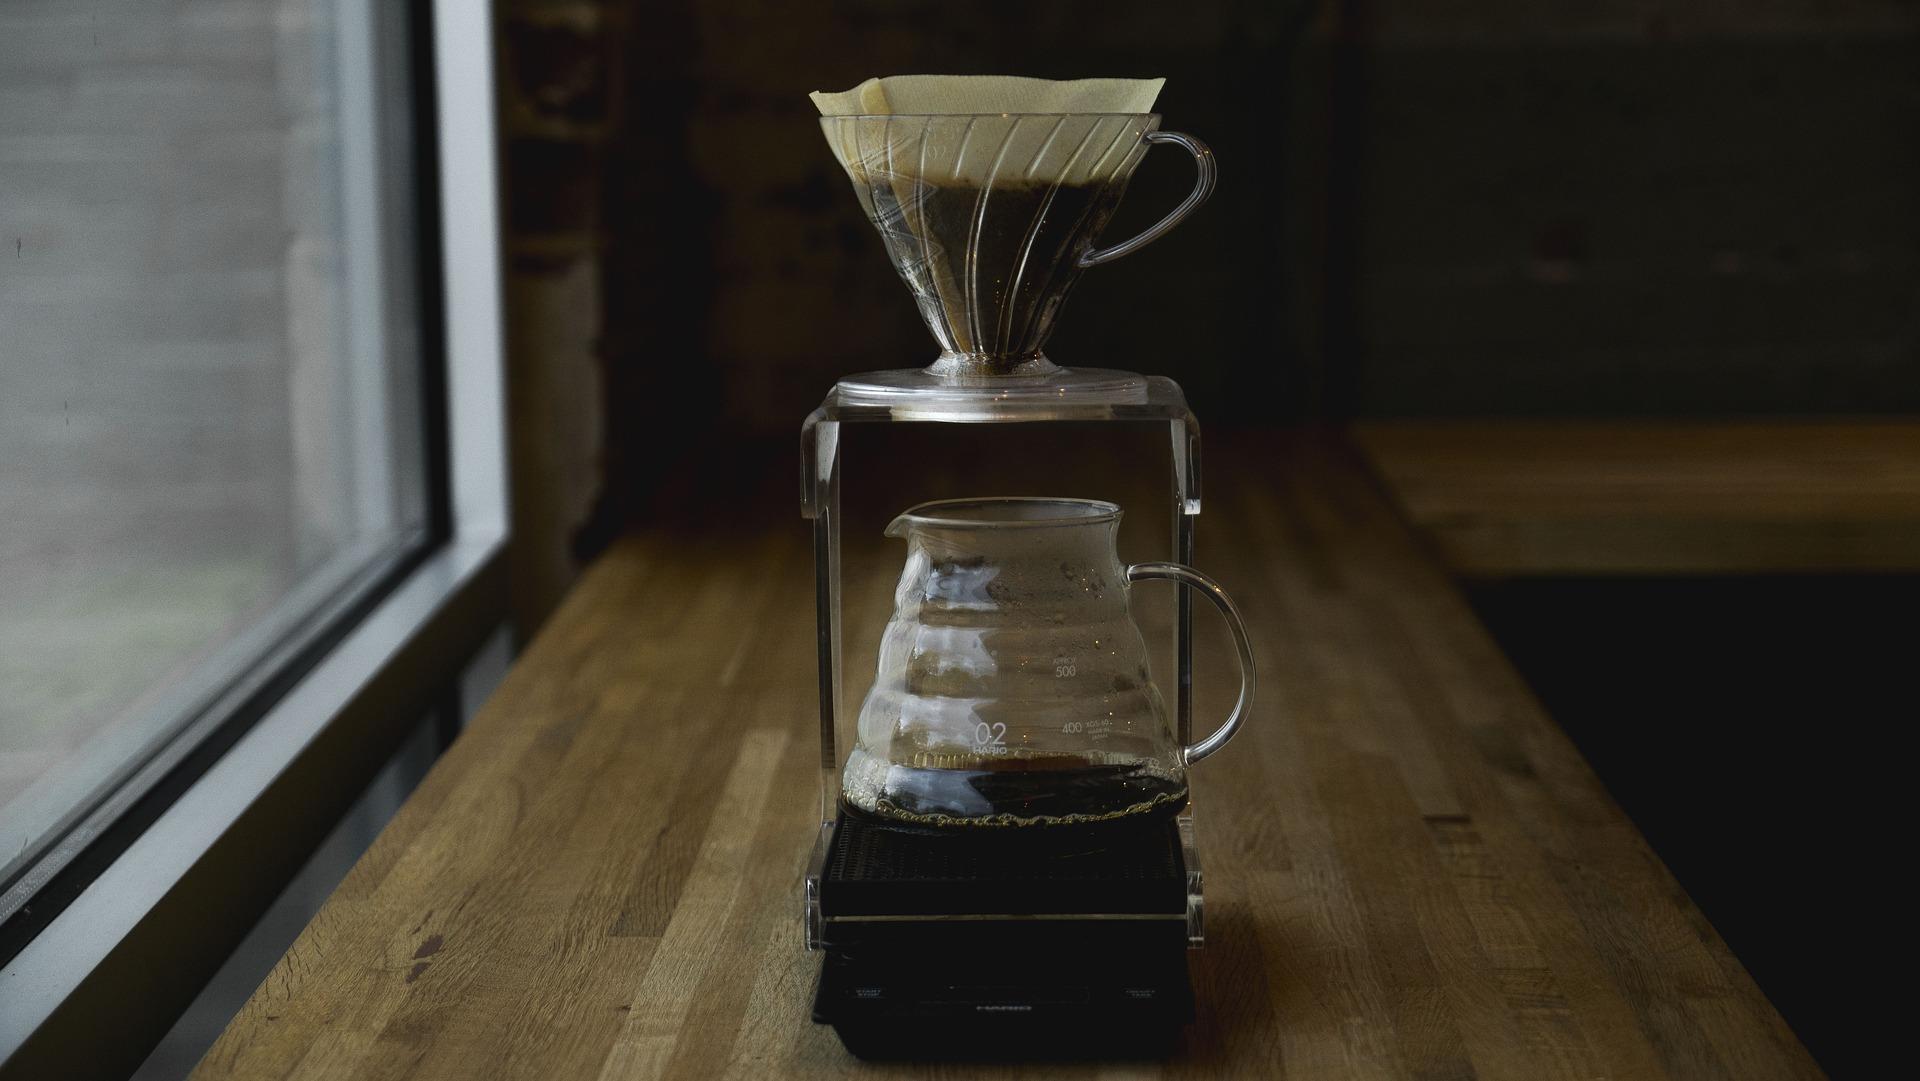 napitak, uživanje, zrna kafe, crna kafa, ukus